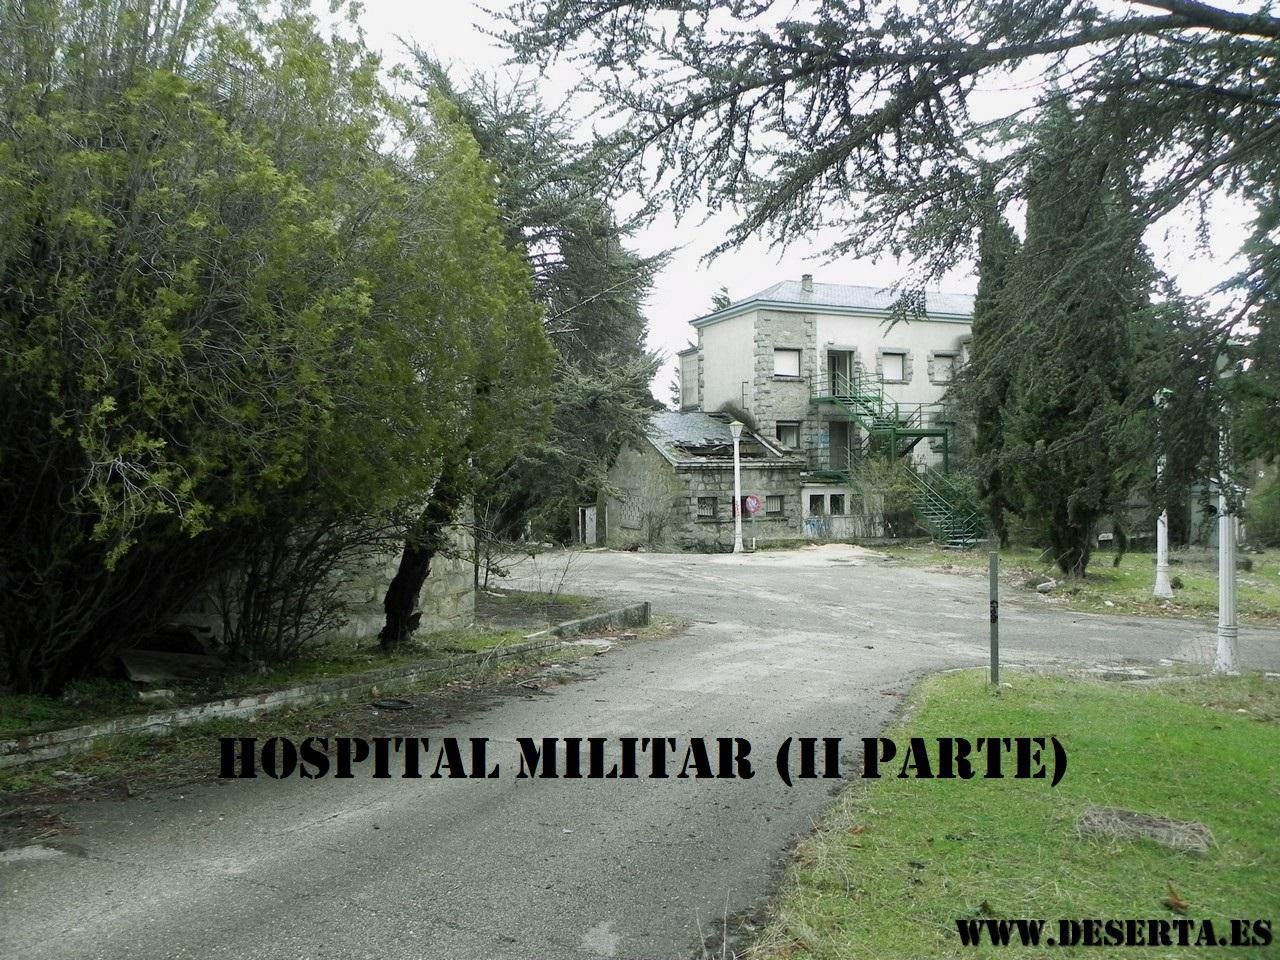 Hospital Militar 2 parte